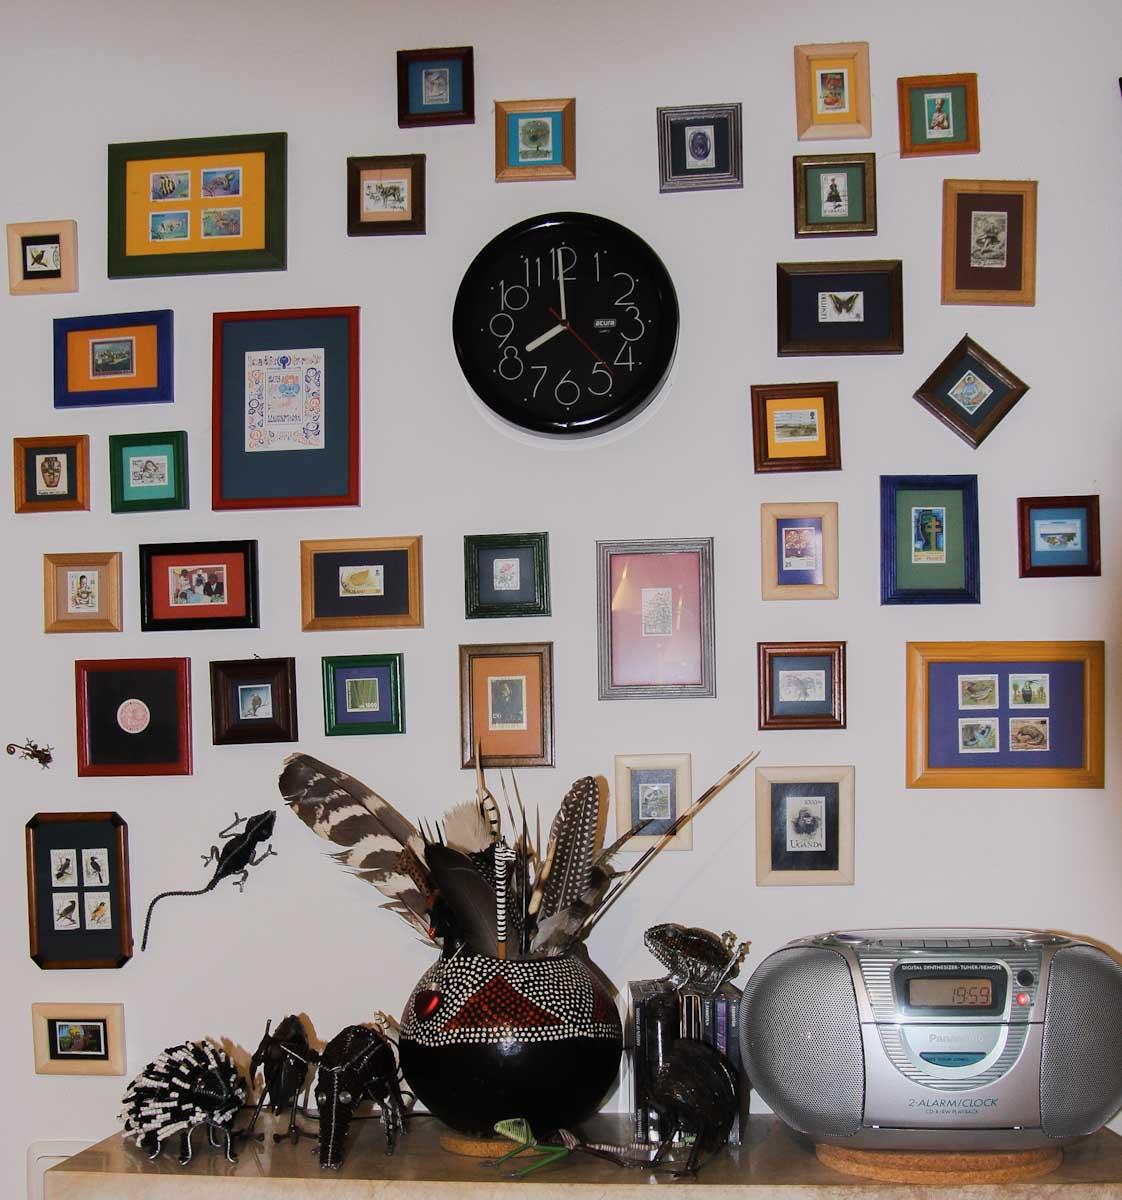 Briefmarken als Mini-Galerie der Reiseerinnerungen, Mitbringsel-Sammlung